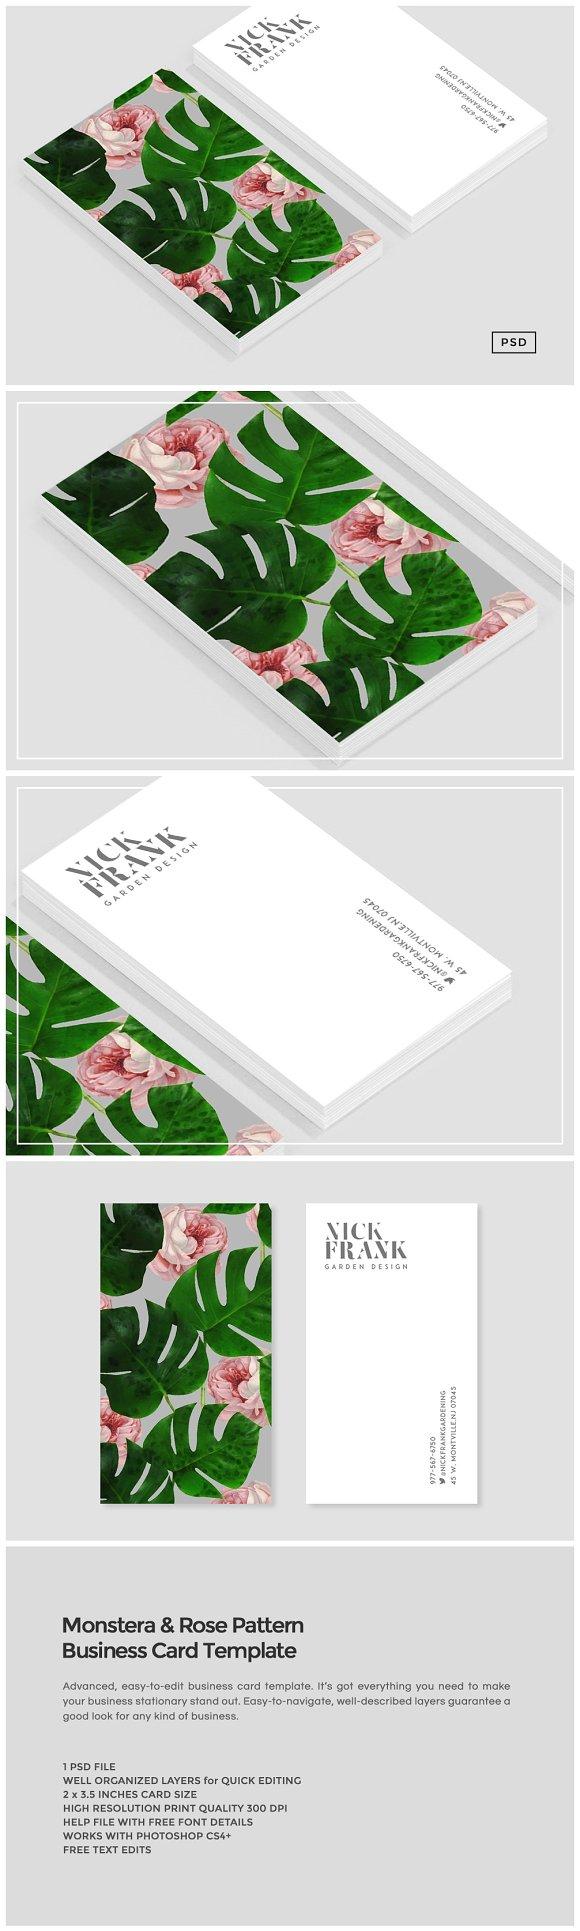 monstera rose pattern business card business card. Black Bedroom Furniture Sets. Home Design Ideas